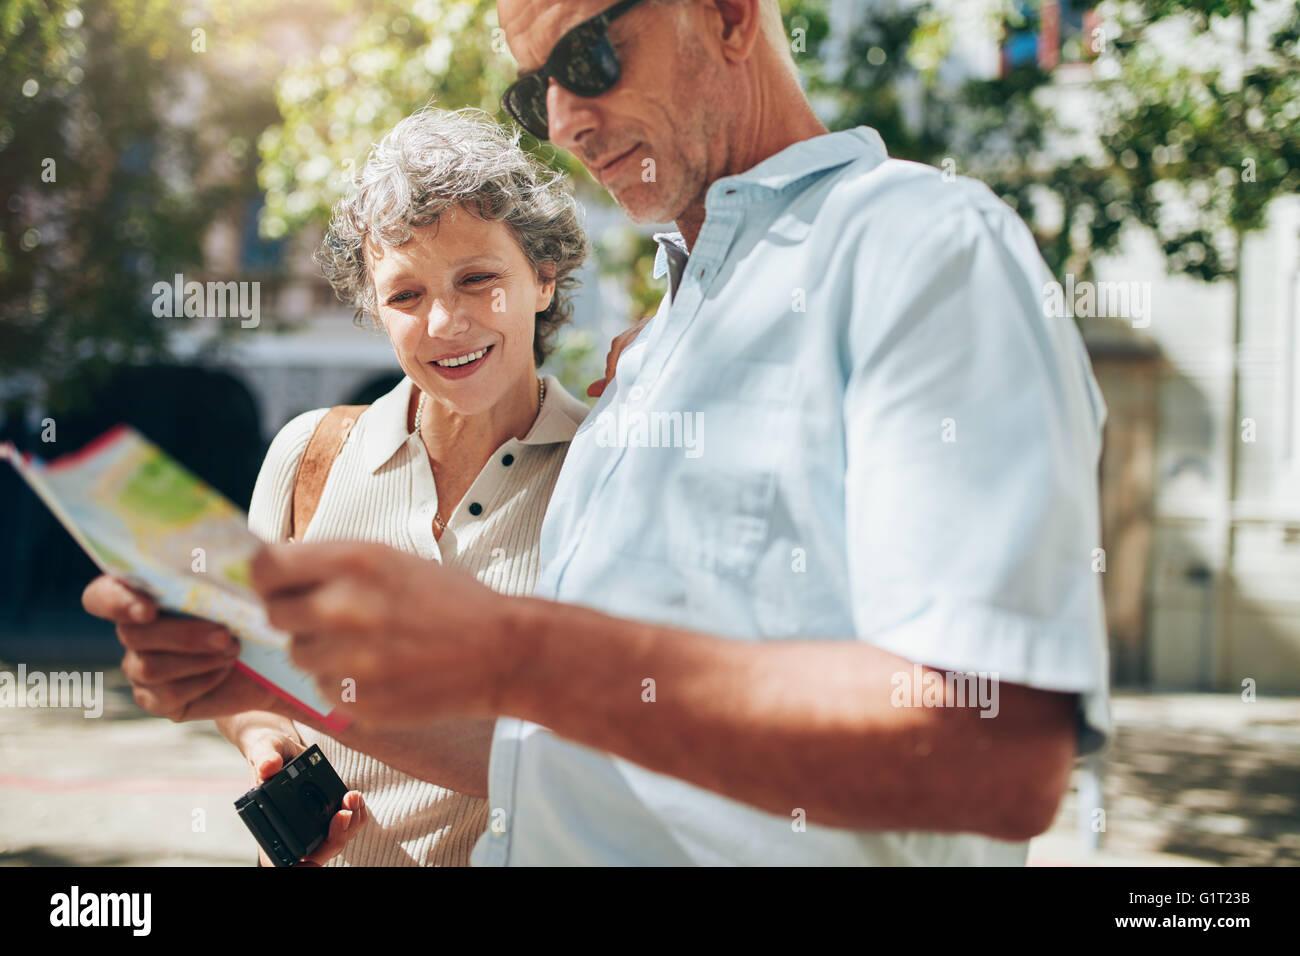 Immagine ravvicinata di senior attivo su una vacanza la lettura di una mappa della città. Uomo maturo e la Immagini Stock